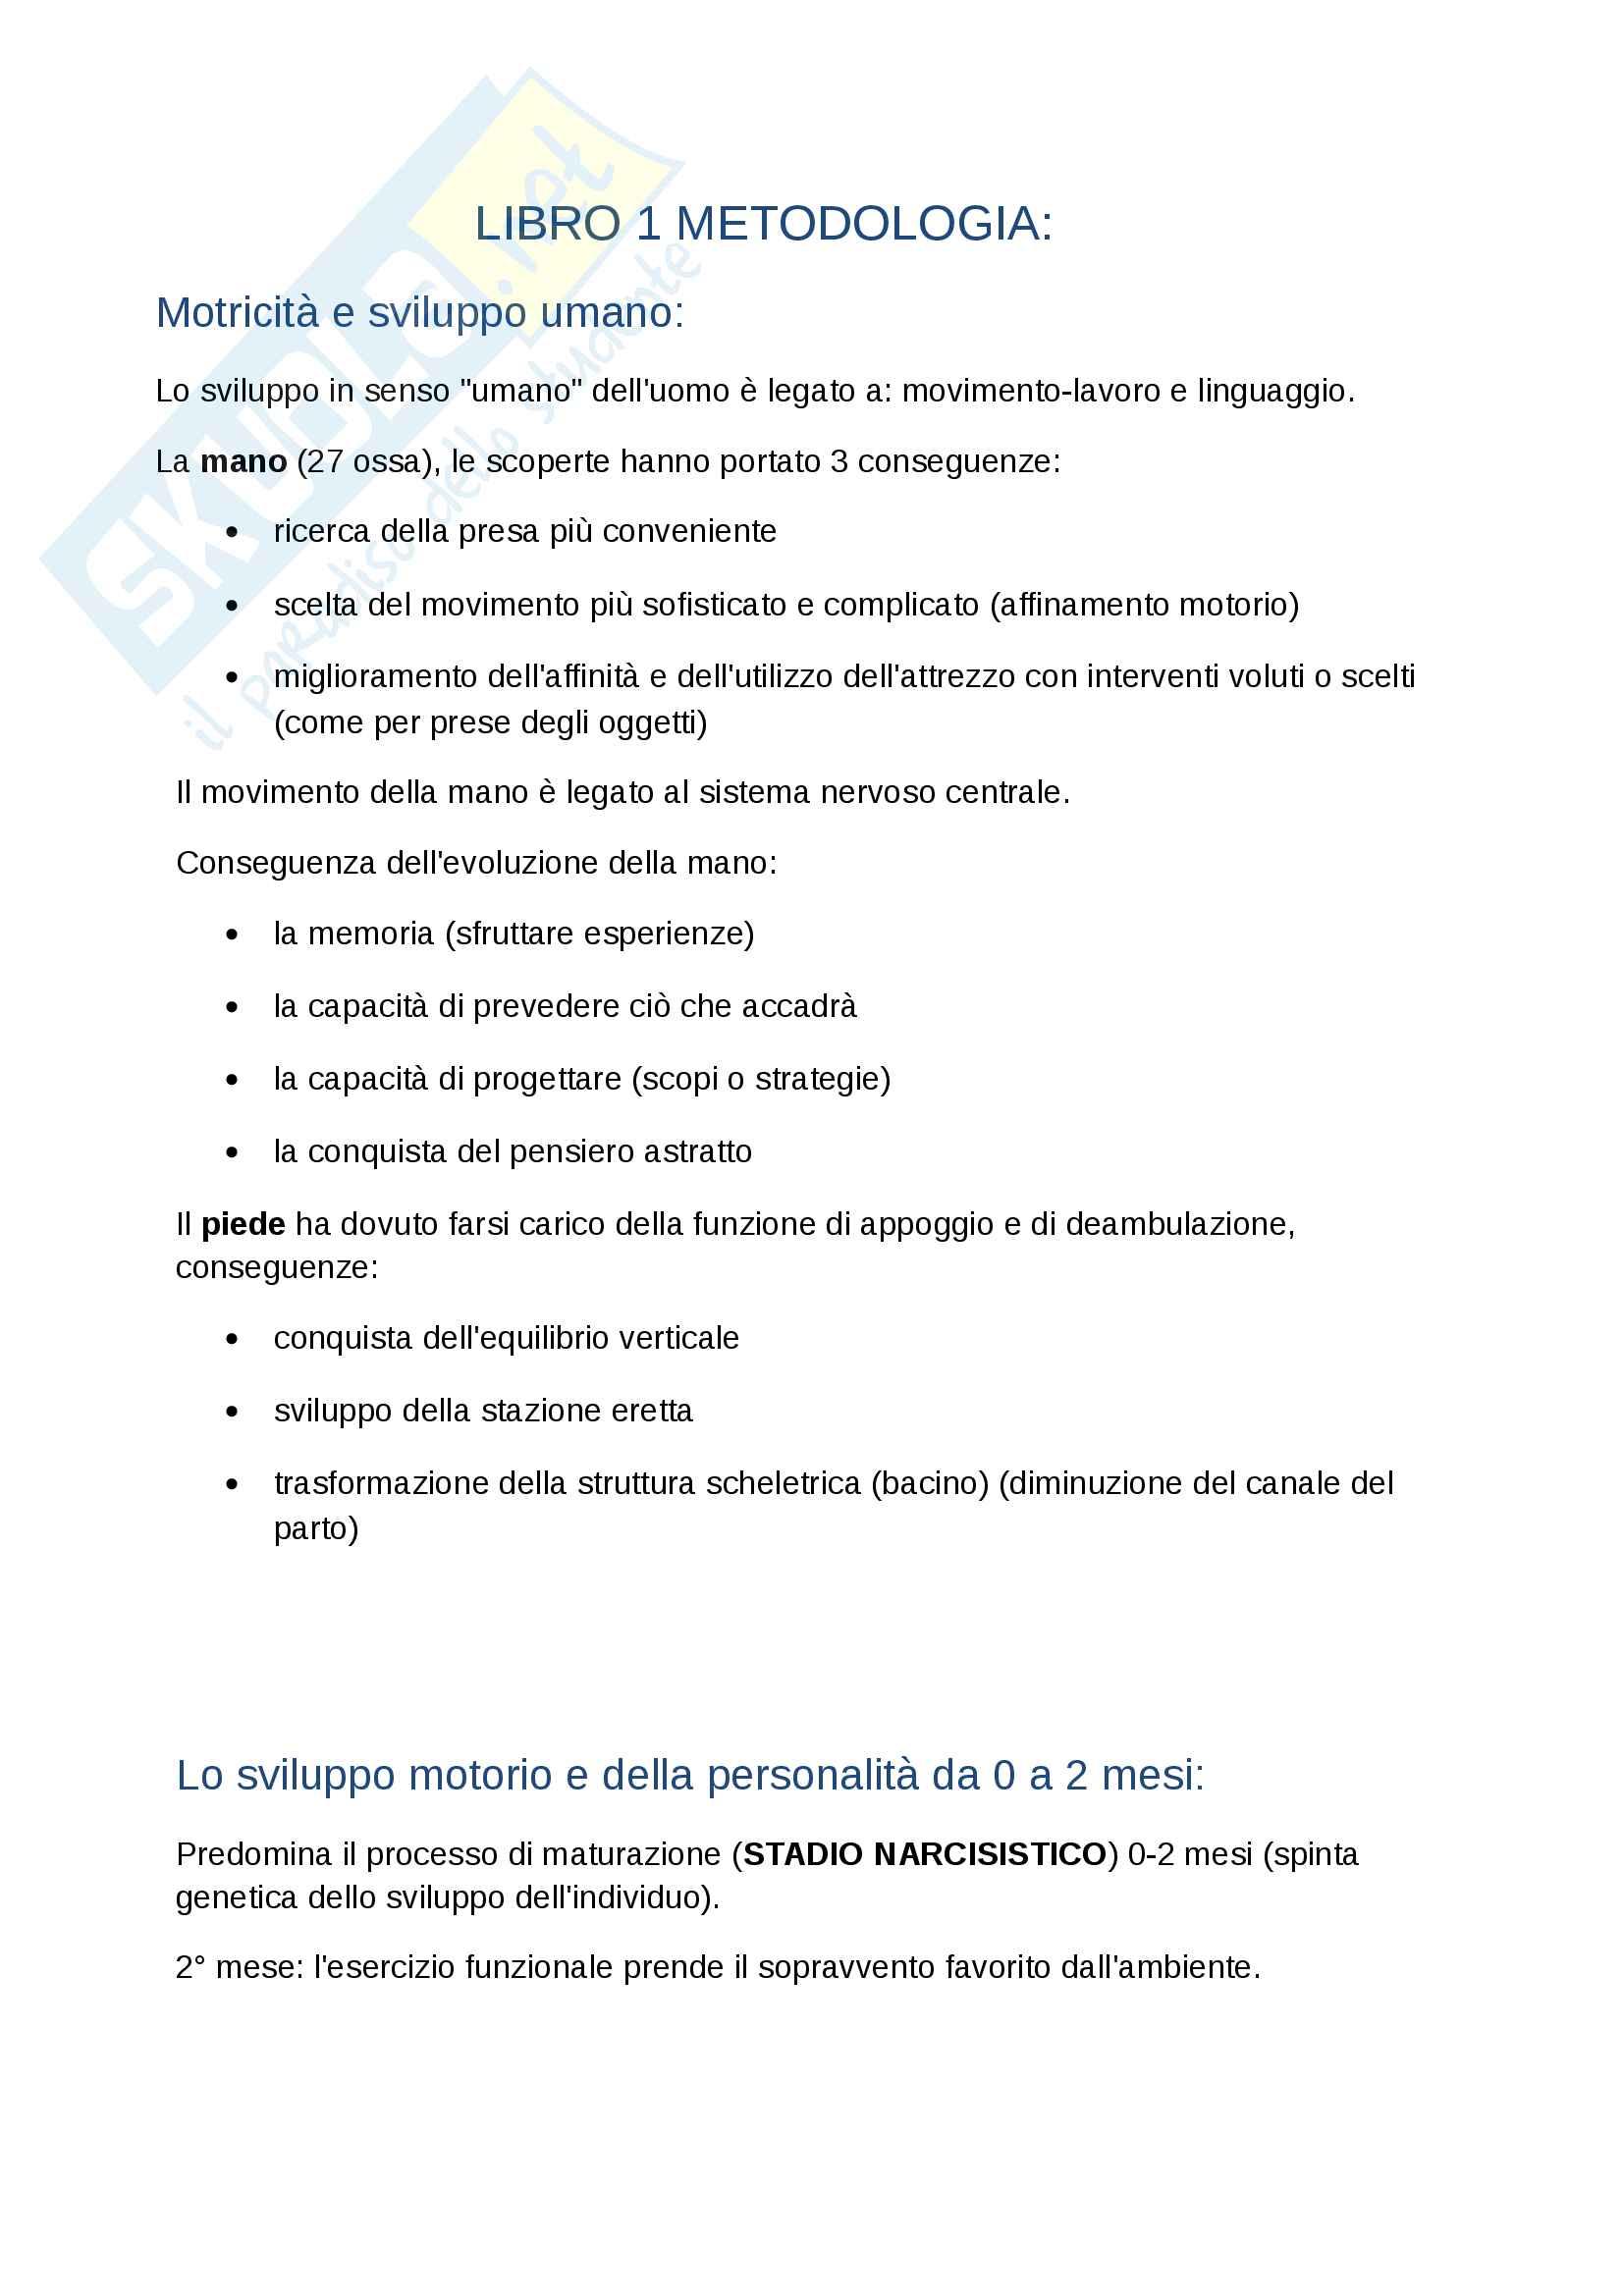 Riassunto esame Metodologia, prof. Bensi, libro consigliato J. Le Boulch, Lo sviluppo psicomotorio dalla nascita ai 6 anni, A. Armando, Roma, 1981